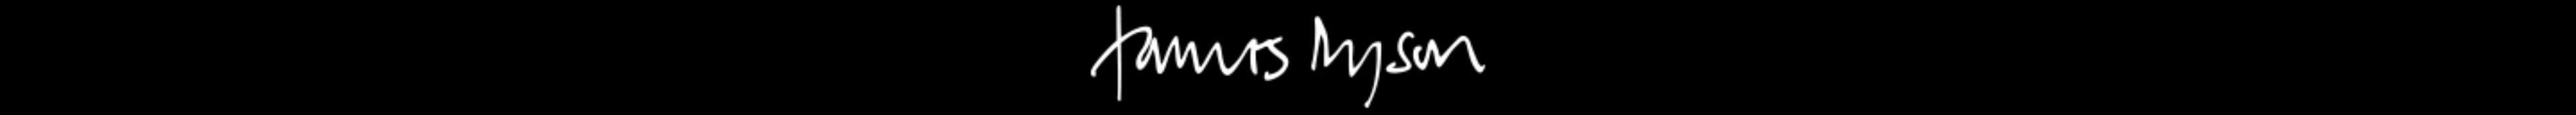 James Dyson's signature